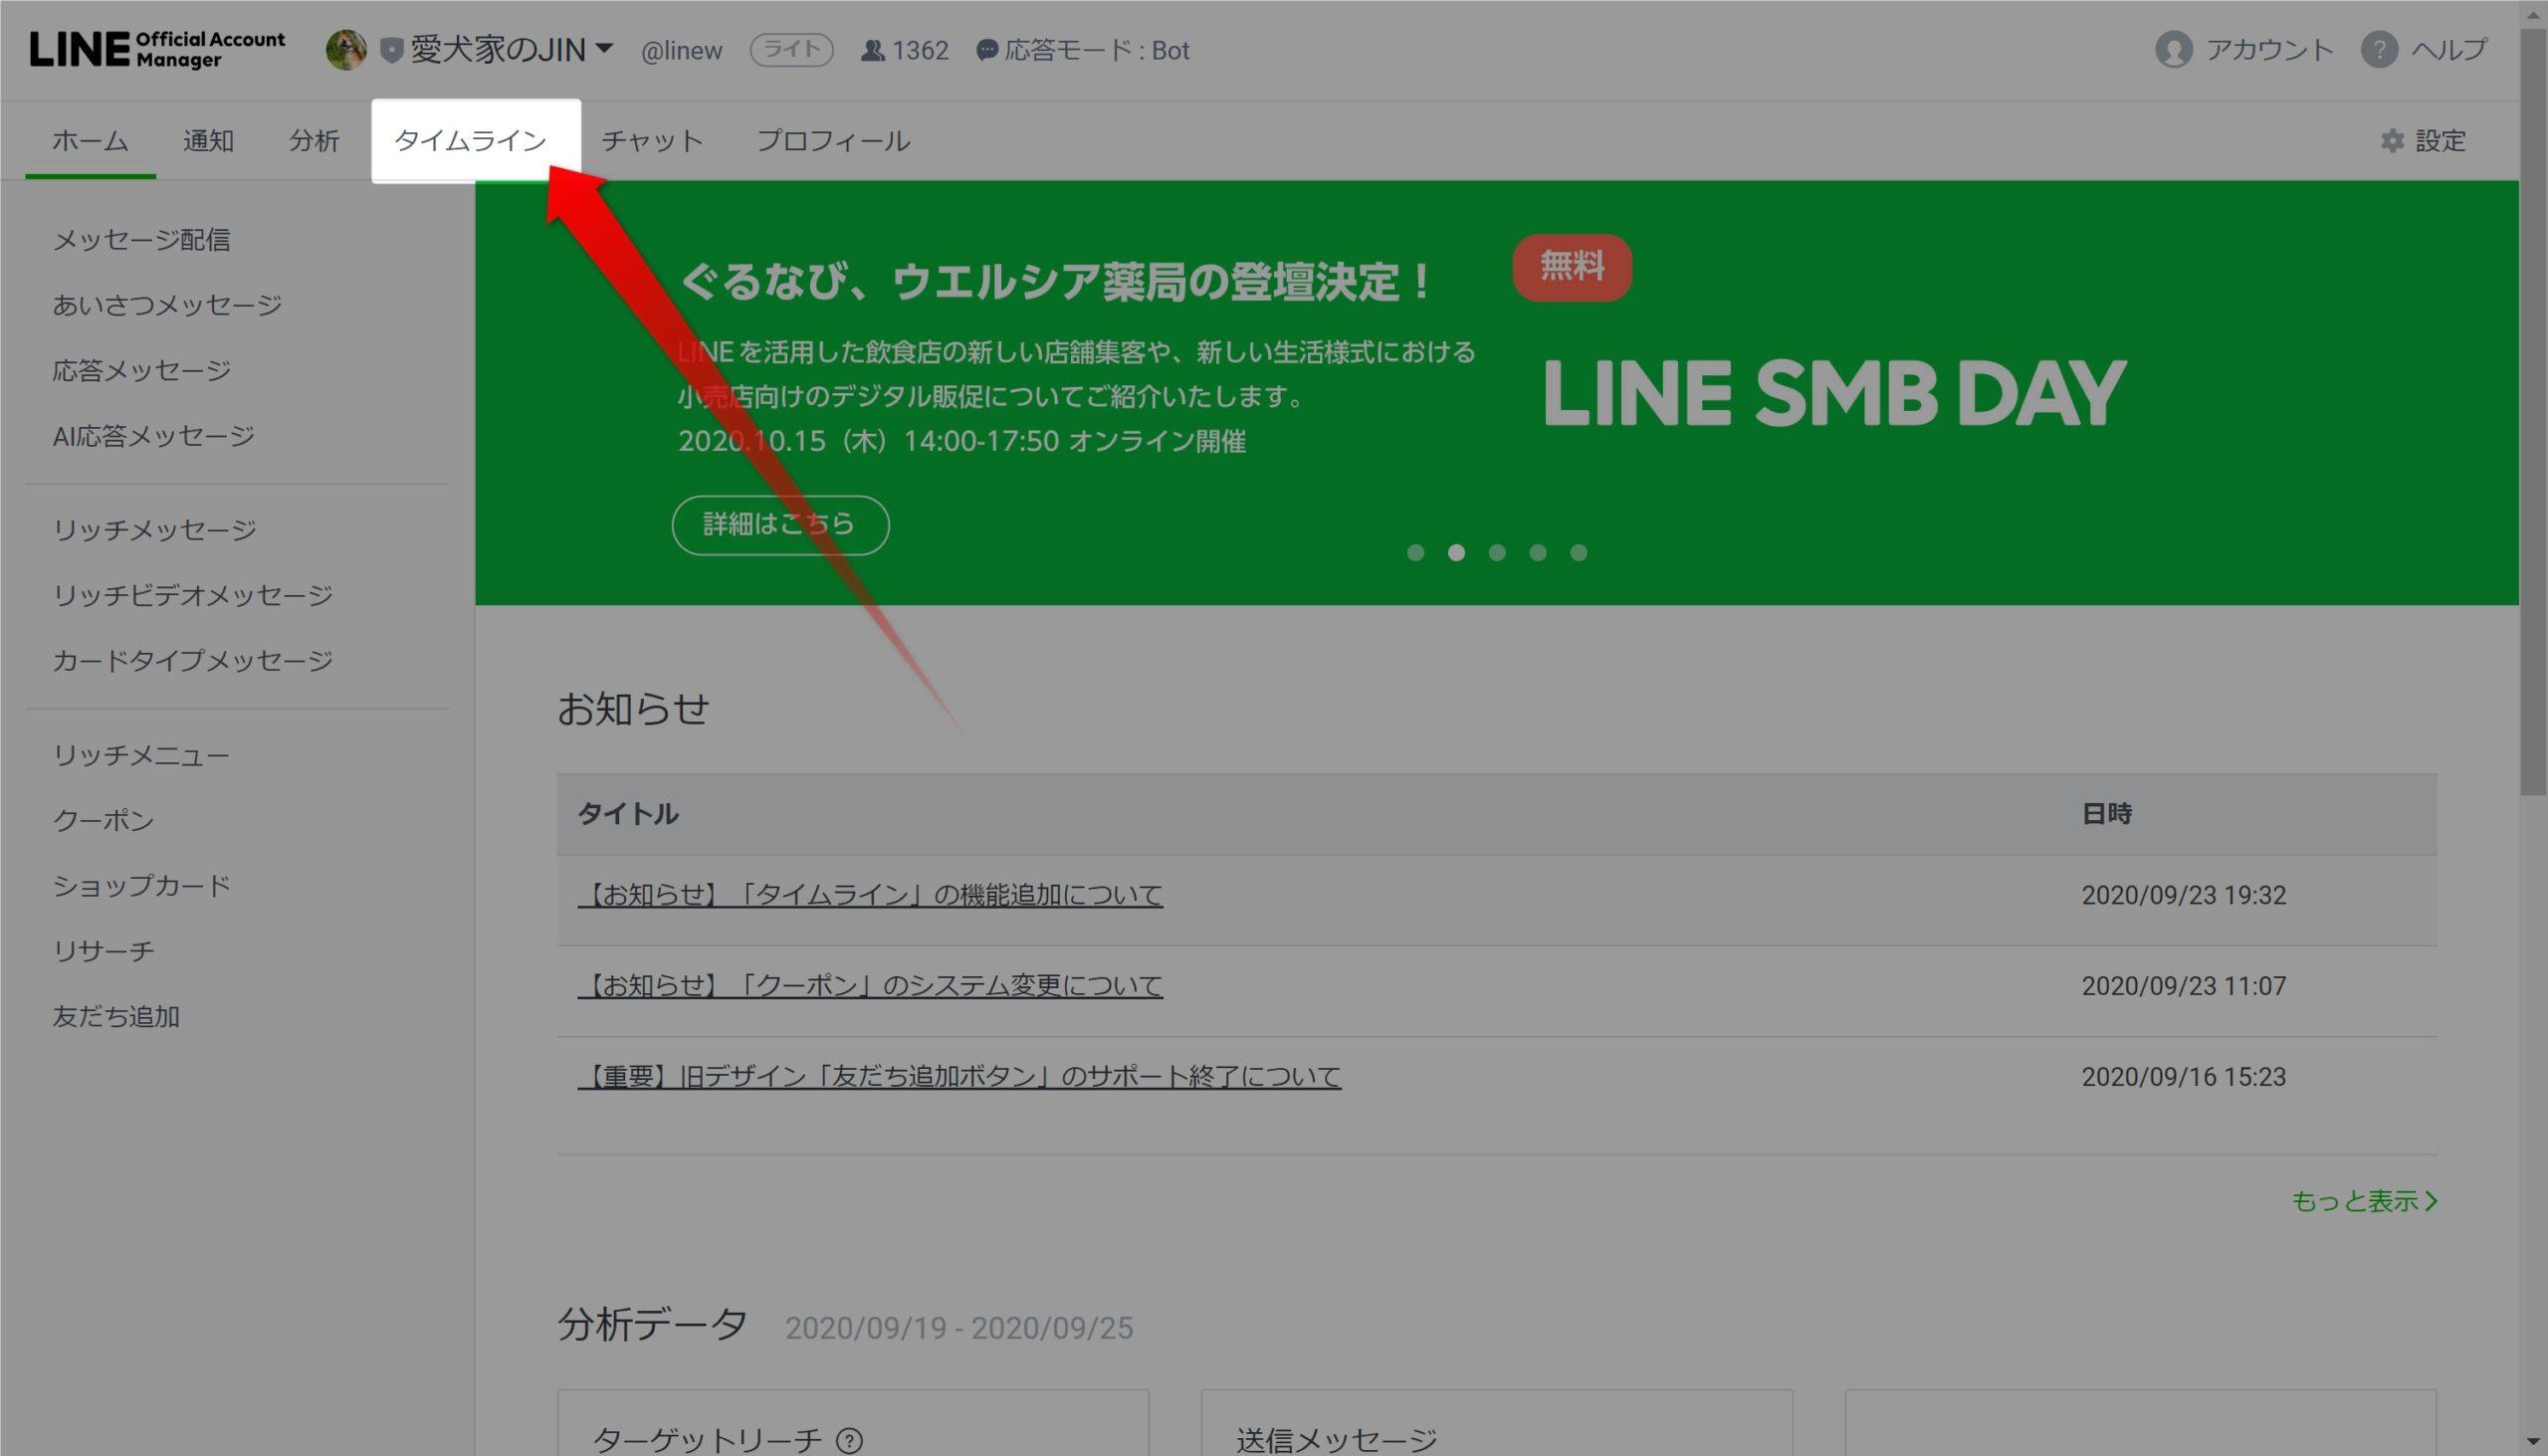 公式LINEのタイムライン